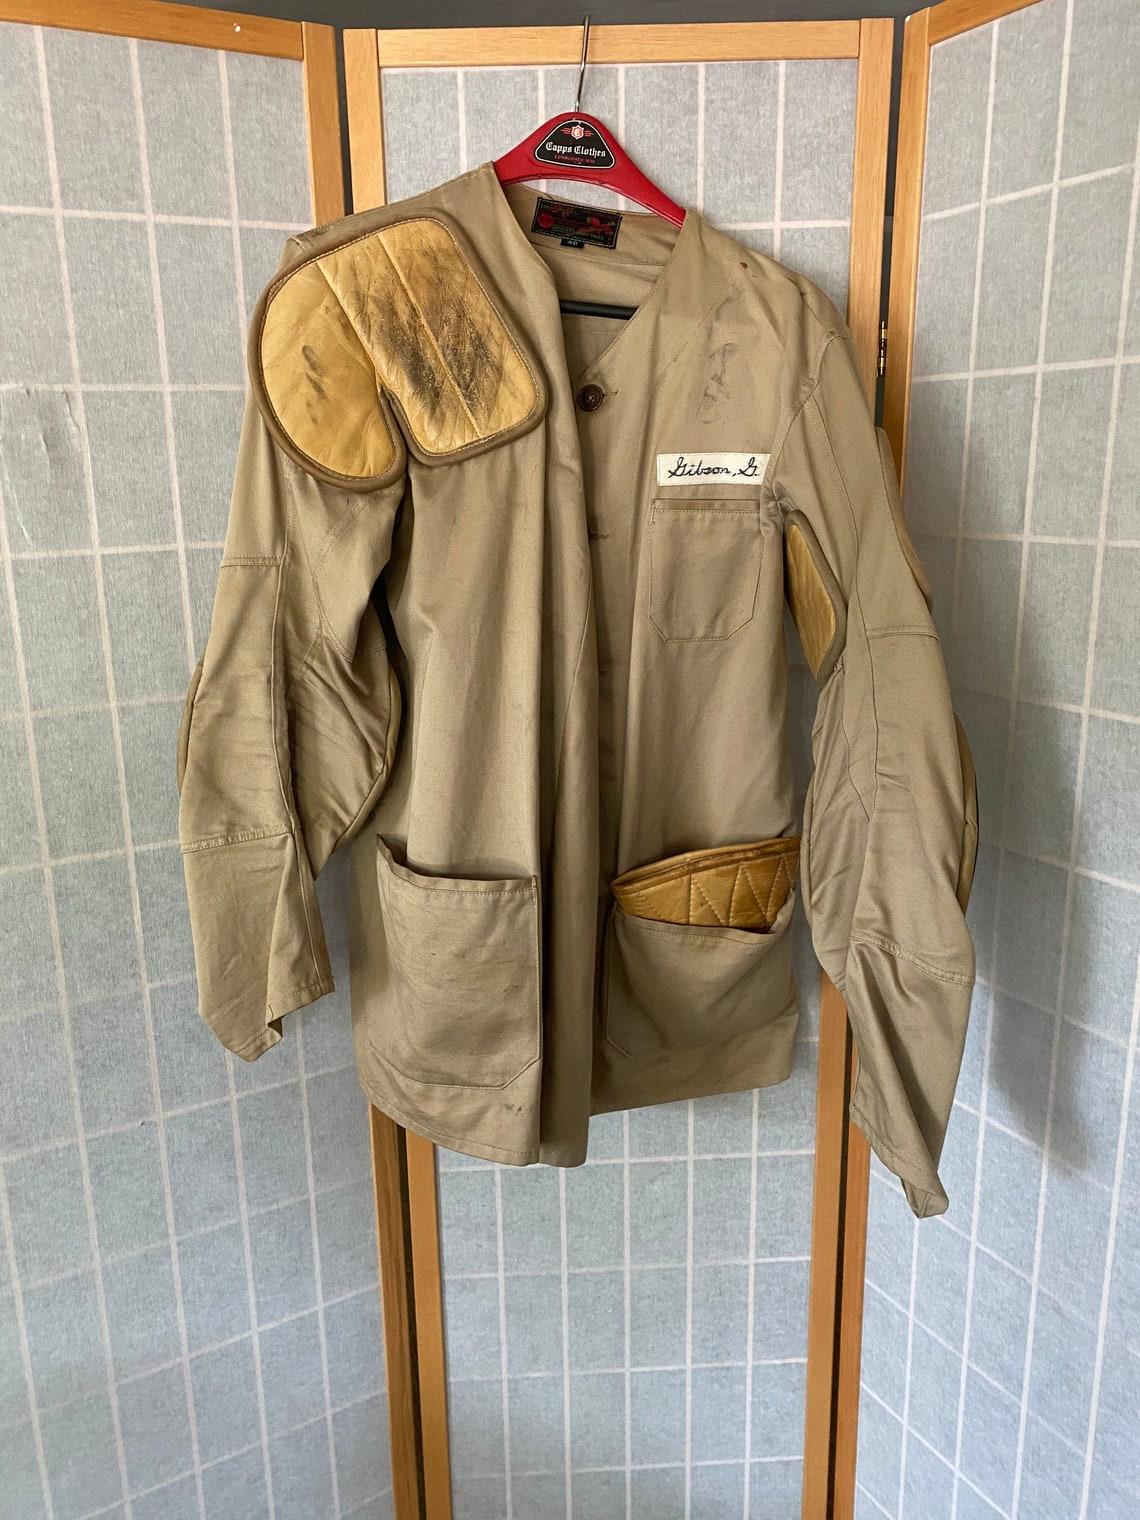 Vintage 1950's Khaki Hunting Rifle Jacket, Size 40